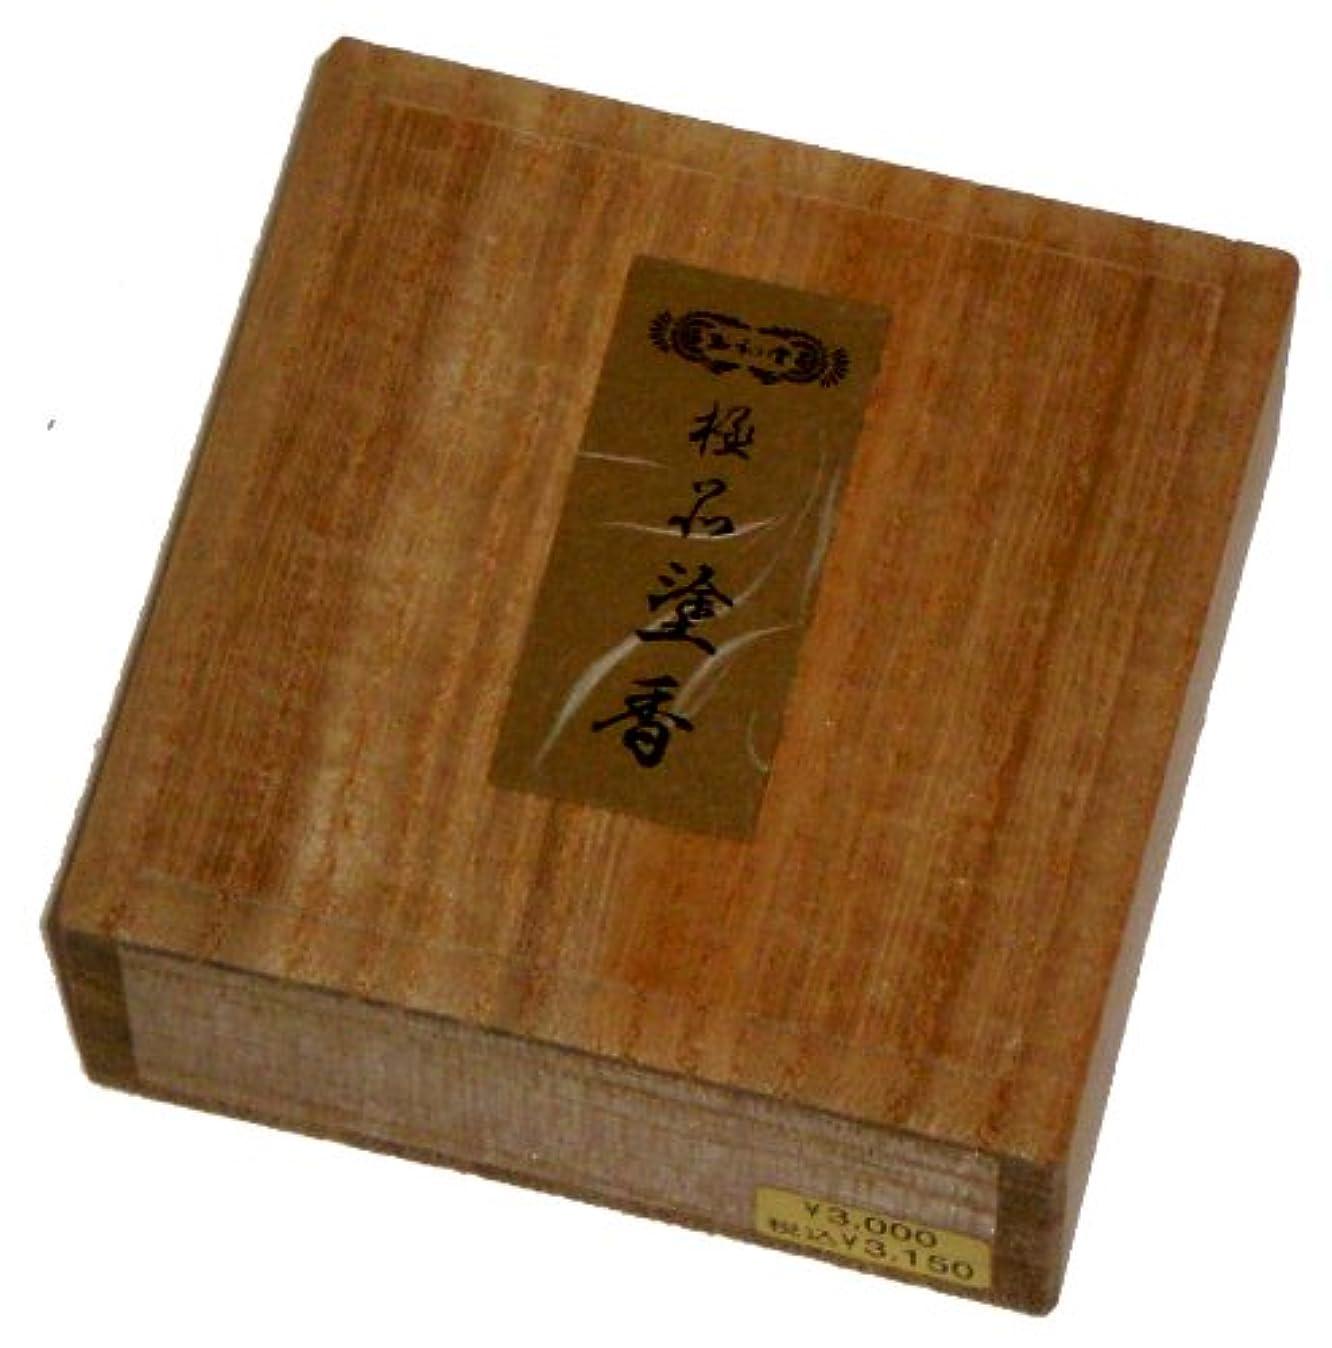 革命環境に優しいケニア玉初堂のお香 極品塗香 15g 桐箱 #835